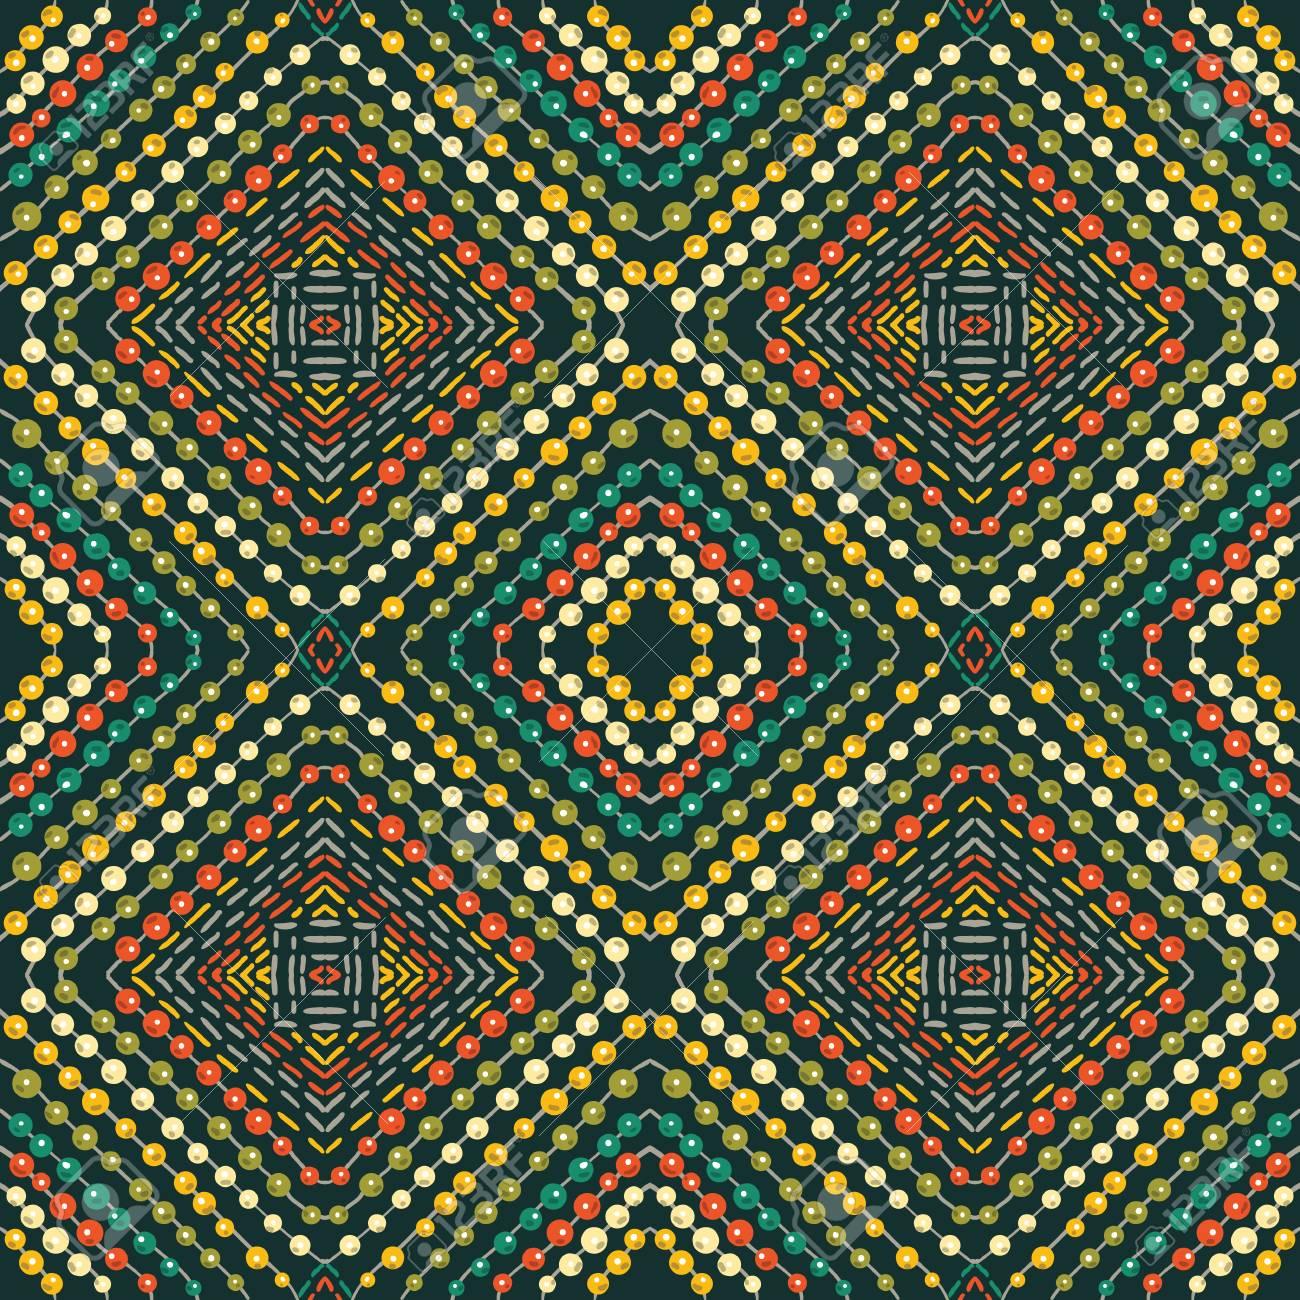 Patrón Sin Costuras - Bordado Decorativo Con Dibujo Geométrico Y ...